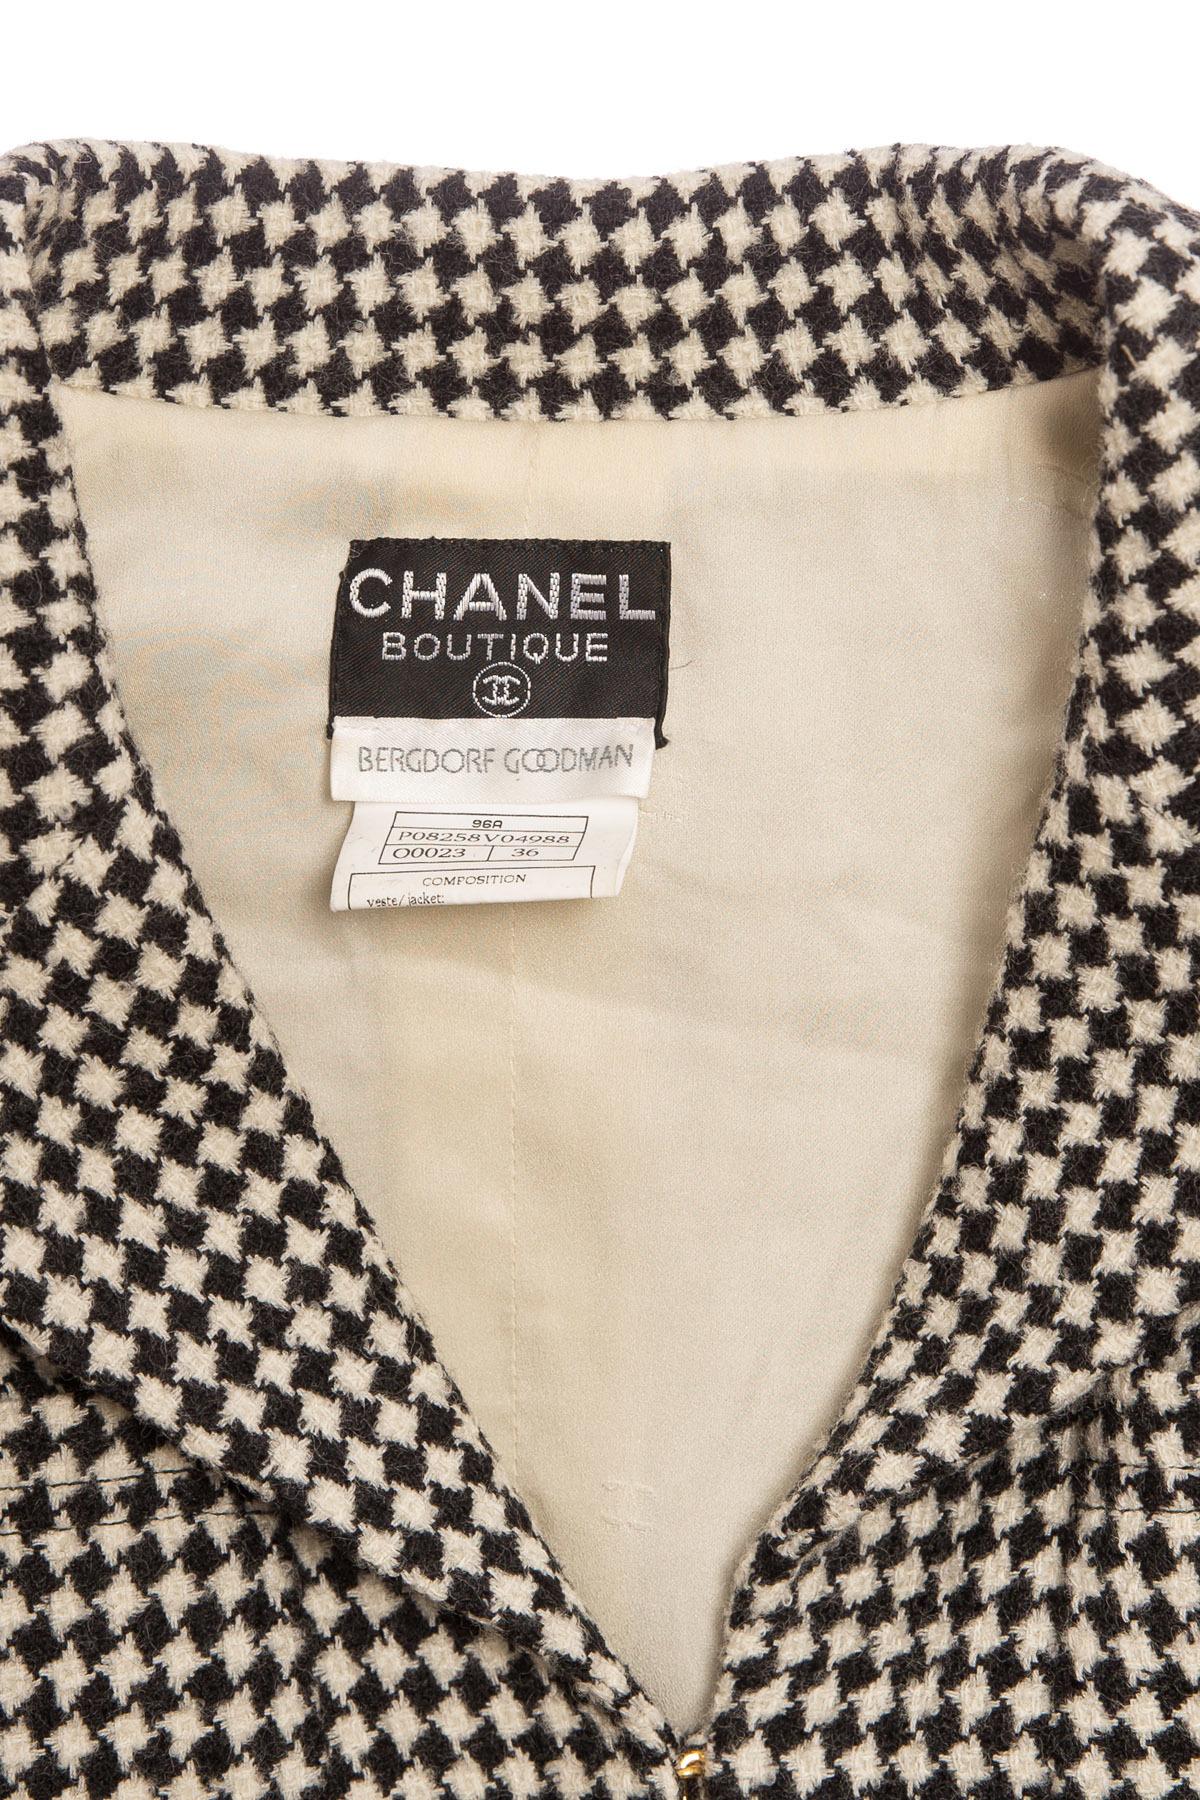 Красивый твидовый пиджак в черно-белой цветовой гамме от Chanel, 36 размер